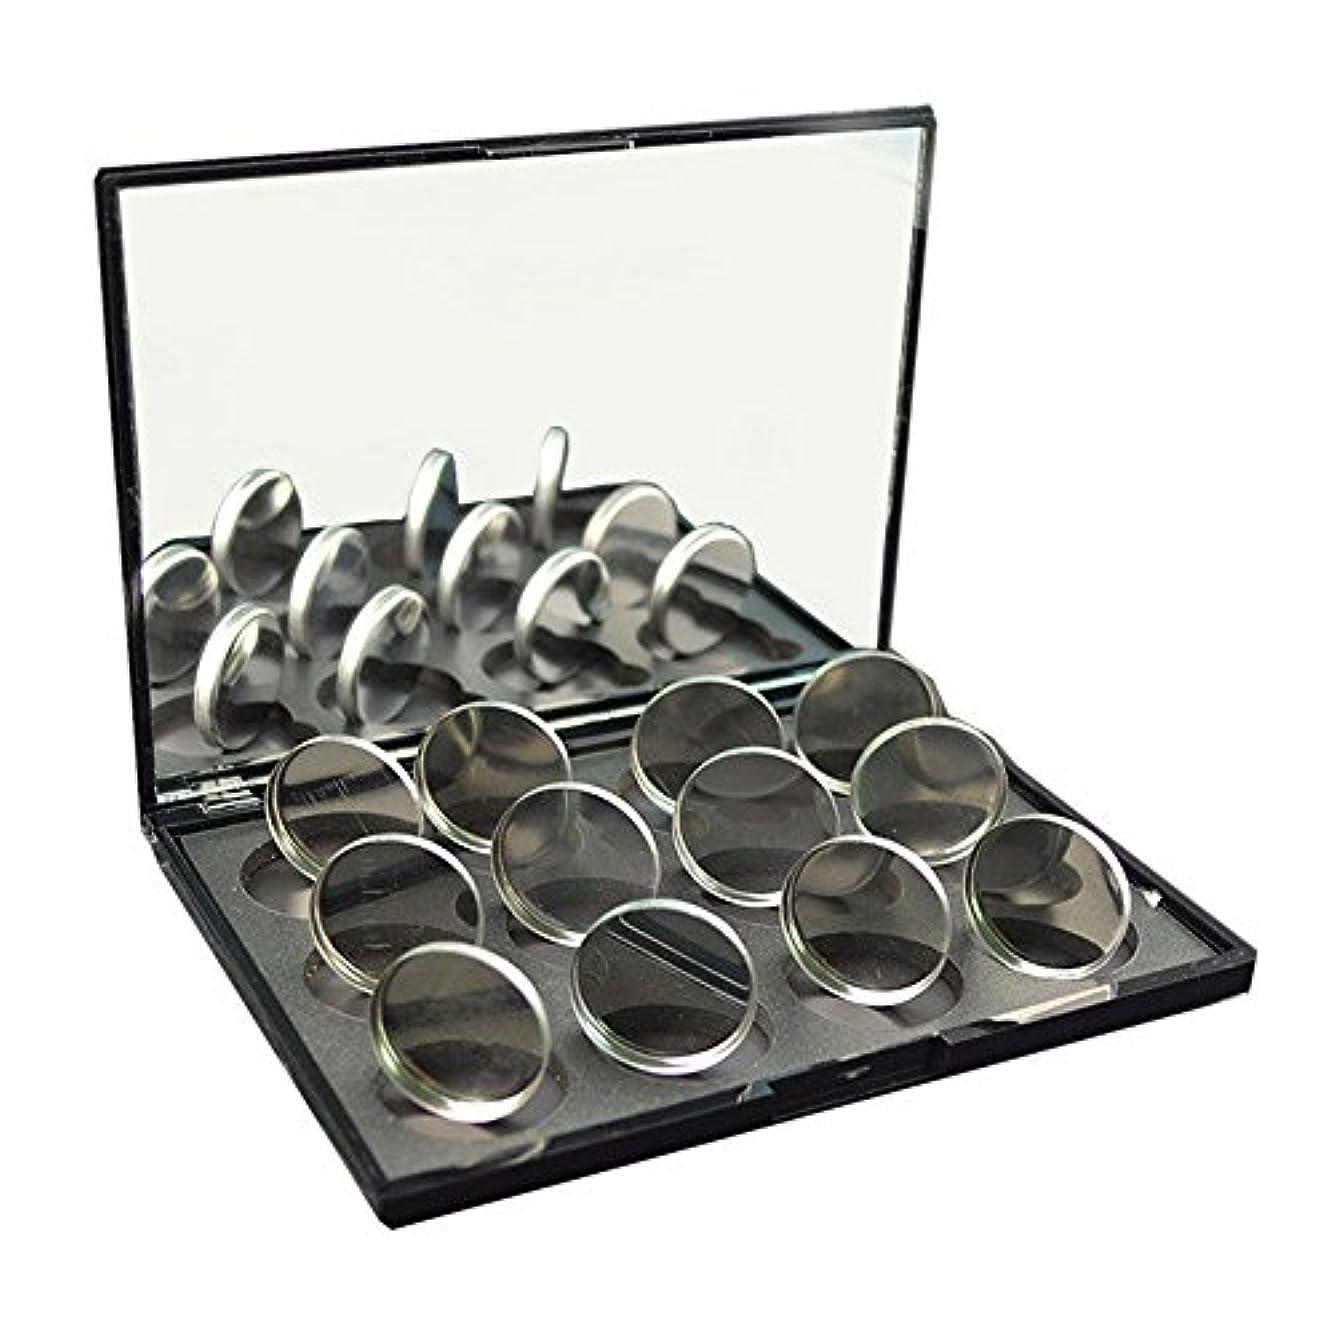 改修する恐怖解説磁石に敏感な粉のアイシャドウ26mmのための100pcs空の円形の錫鍋